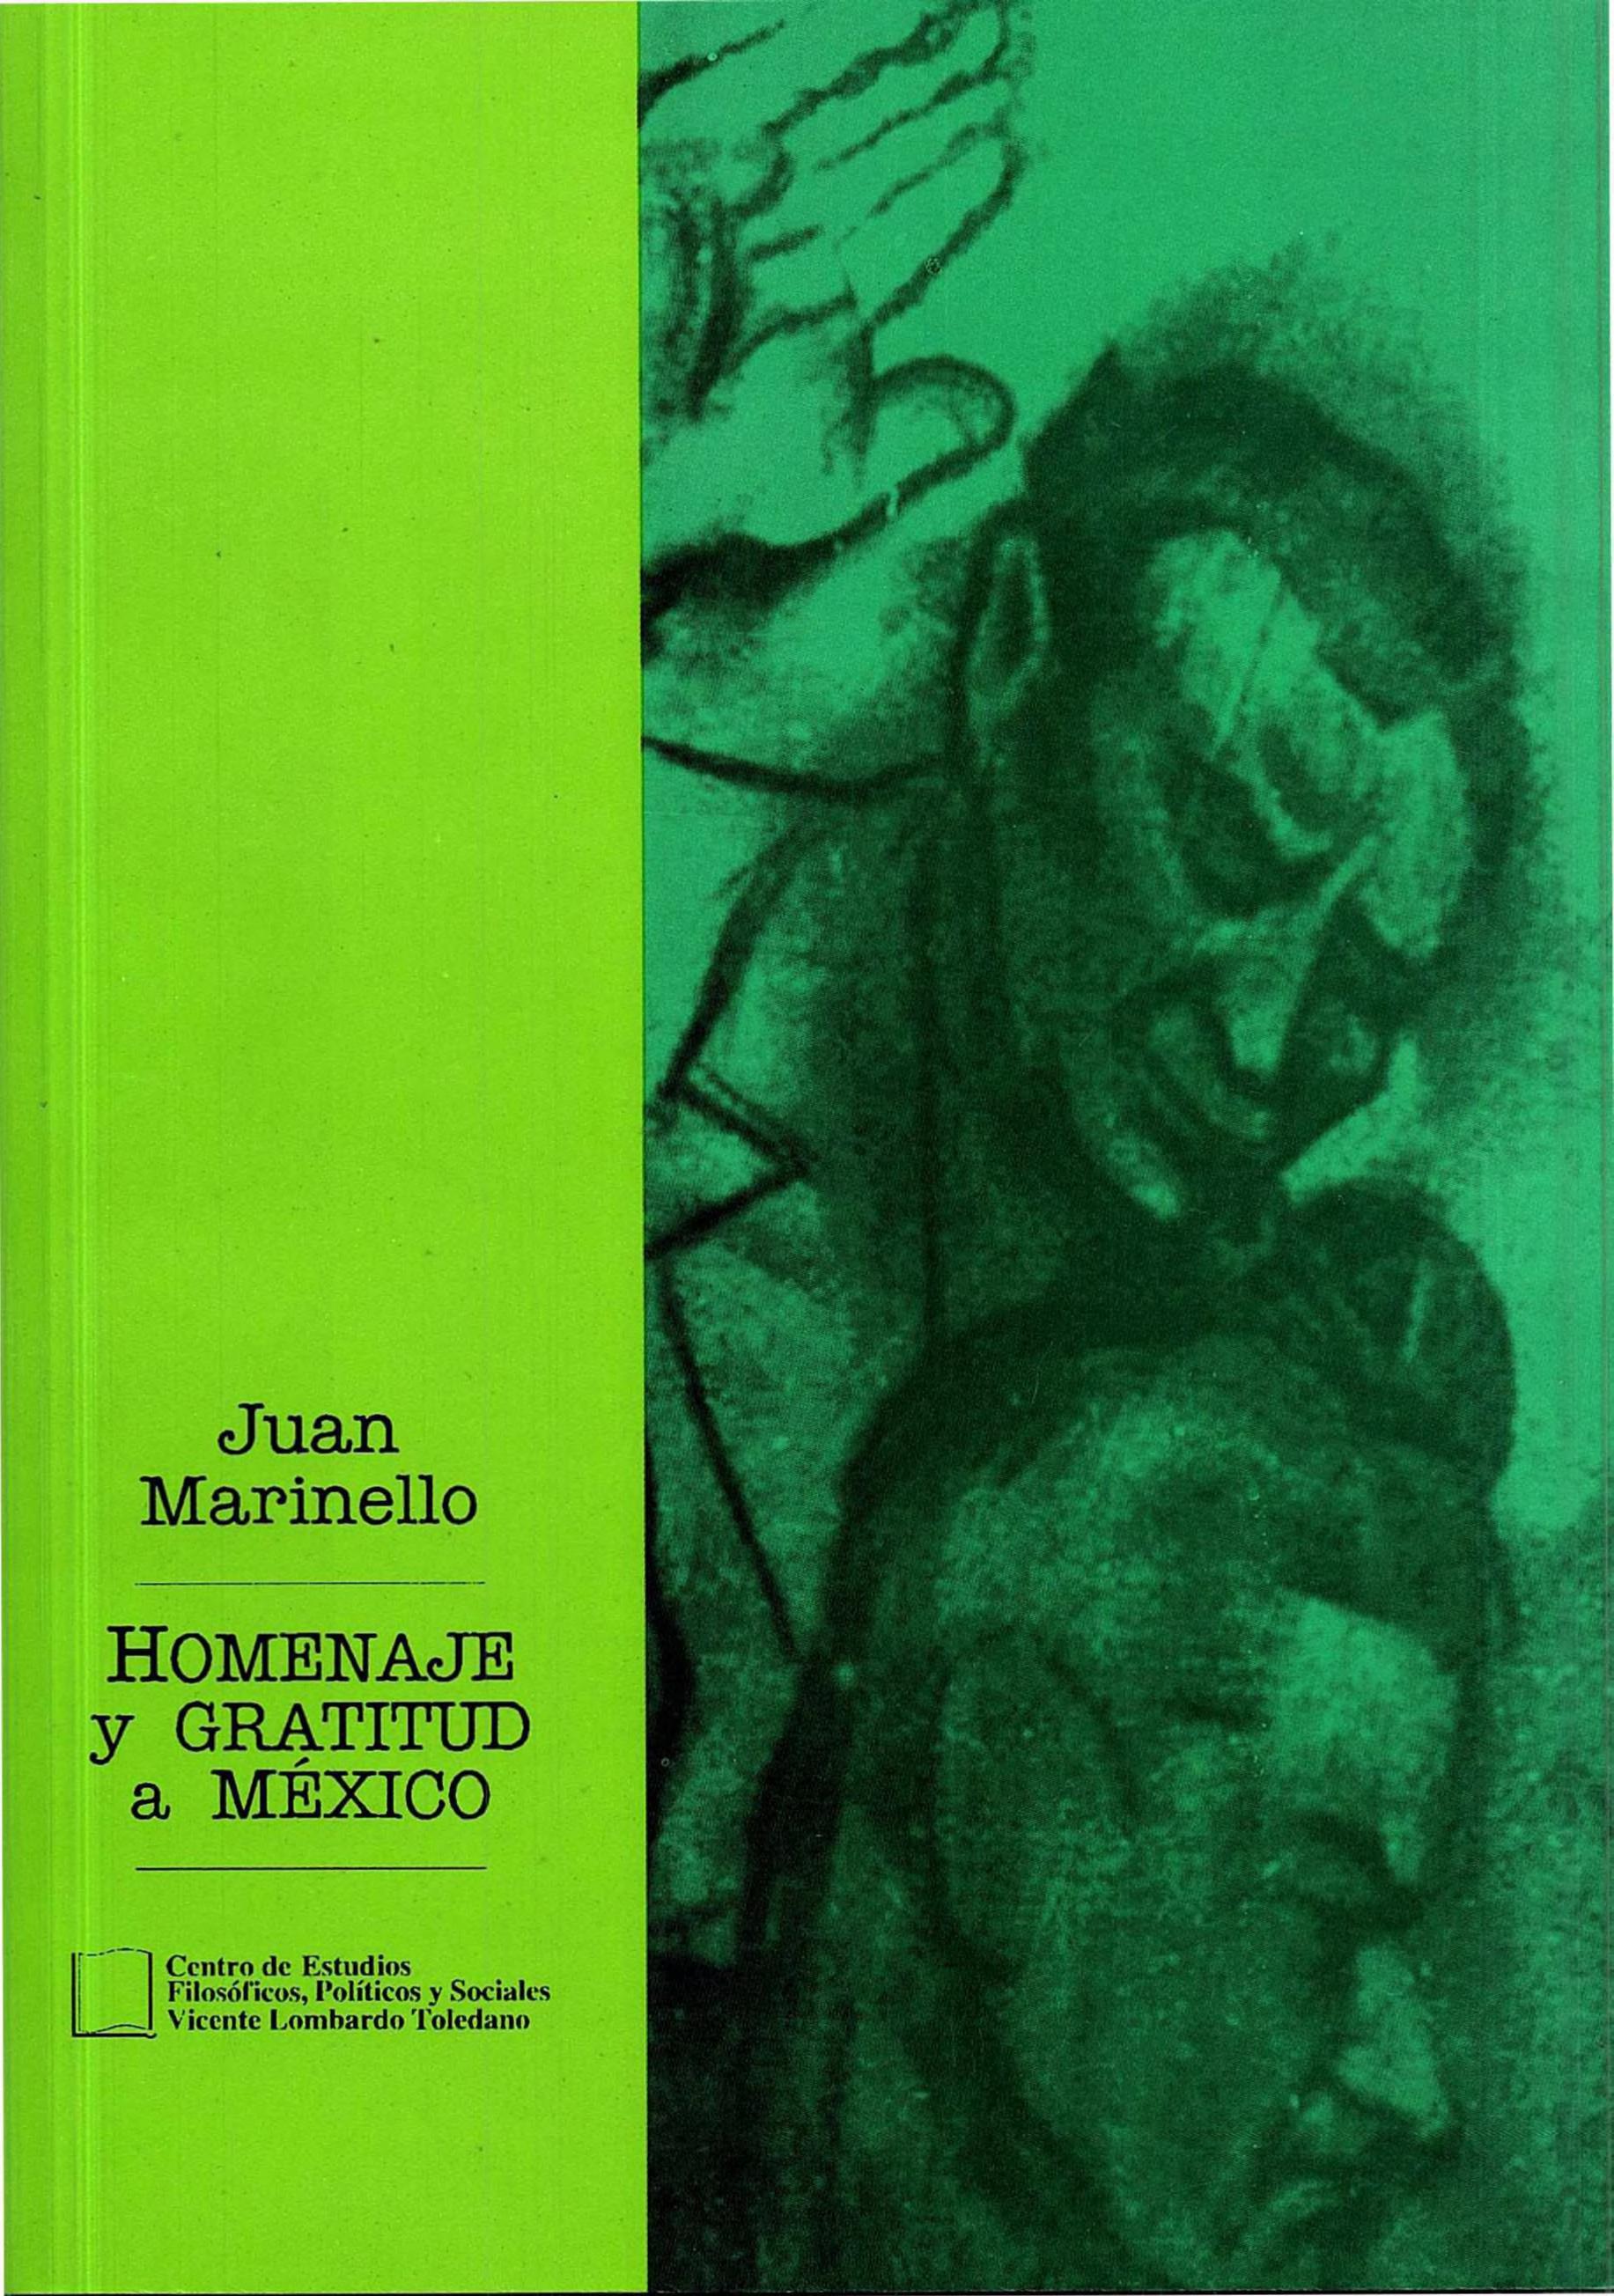 Portada del libro: HOMENAJE Y GRATITUD A MÉXICO